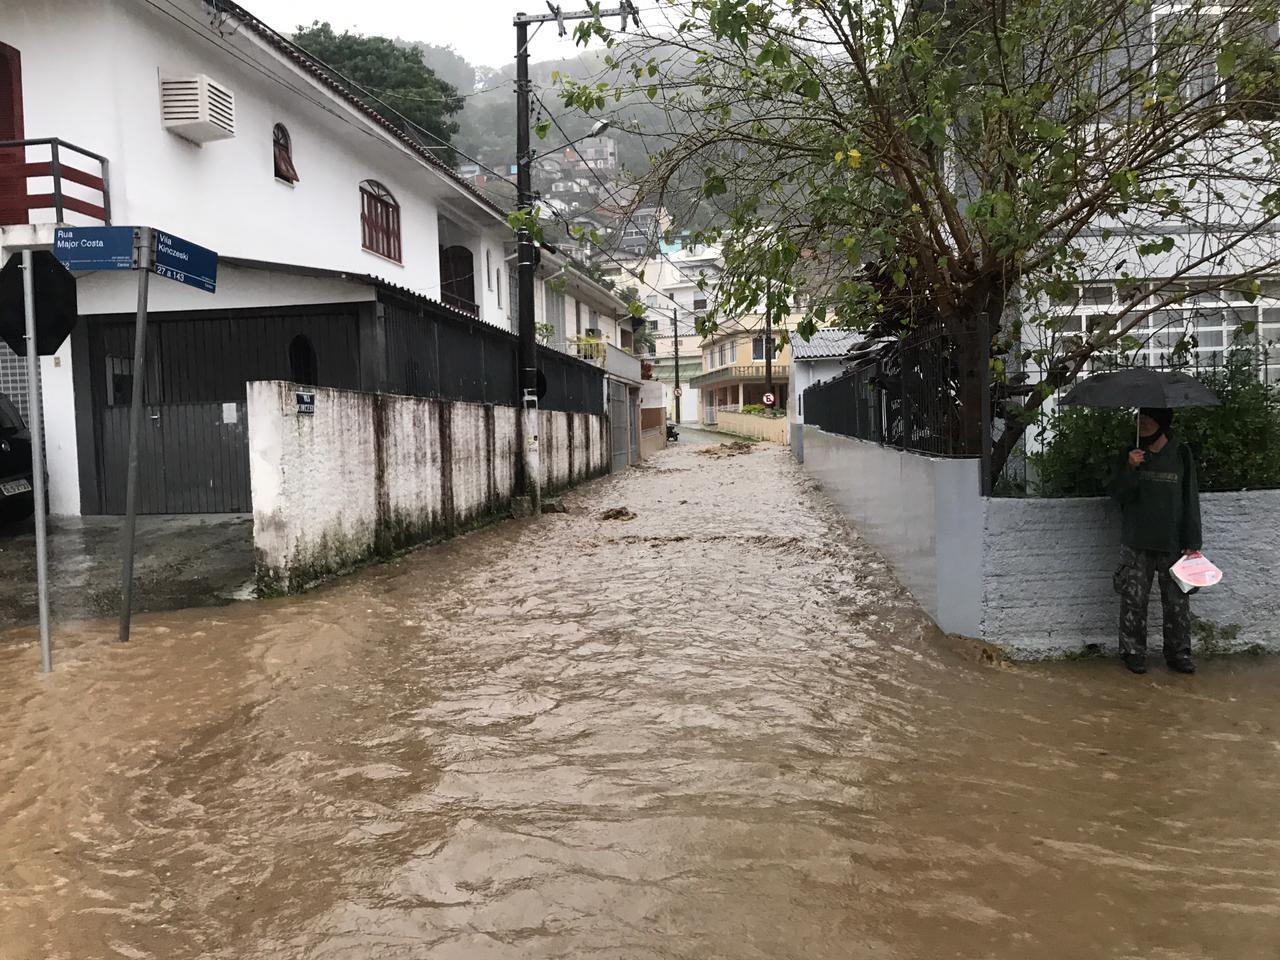 Rua Major Costa ficou completamente alagada nesta quinta-feira - Léo Munhoz/ND